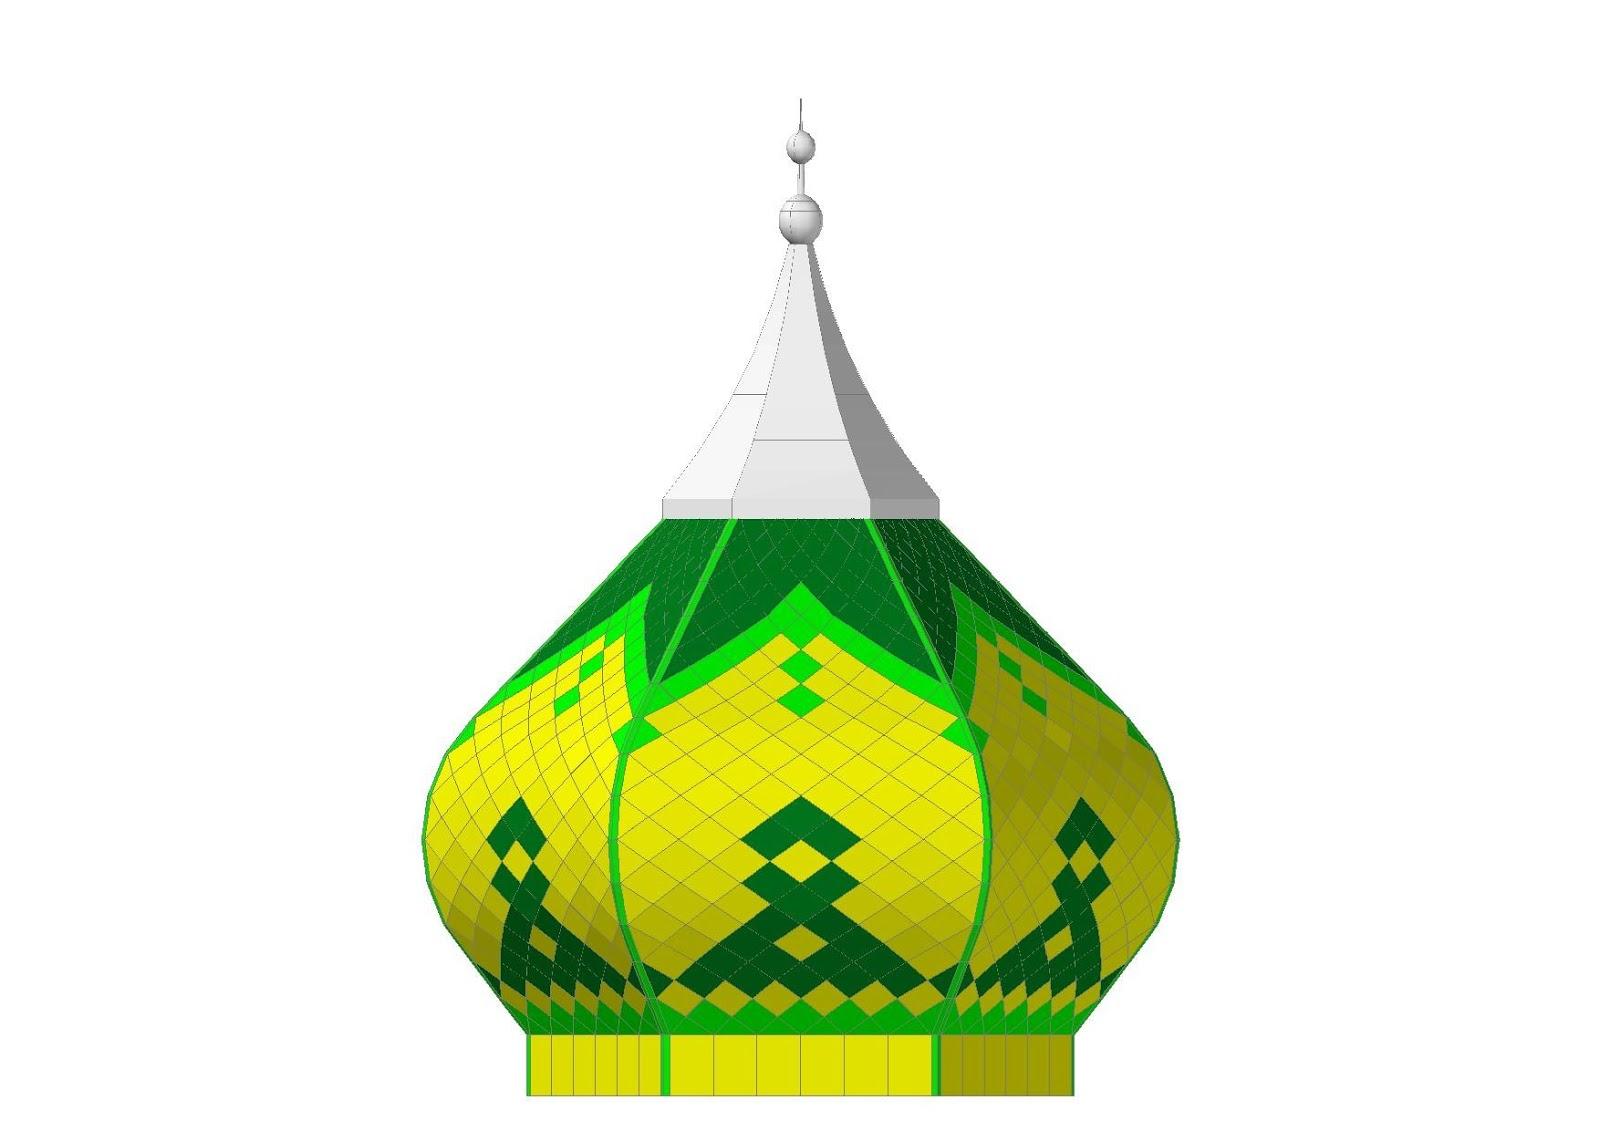 Image Result For Gambar Mewarnai Masjid Hd